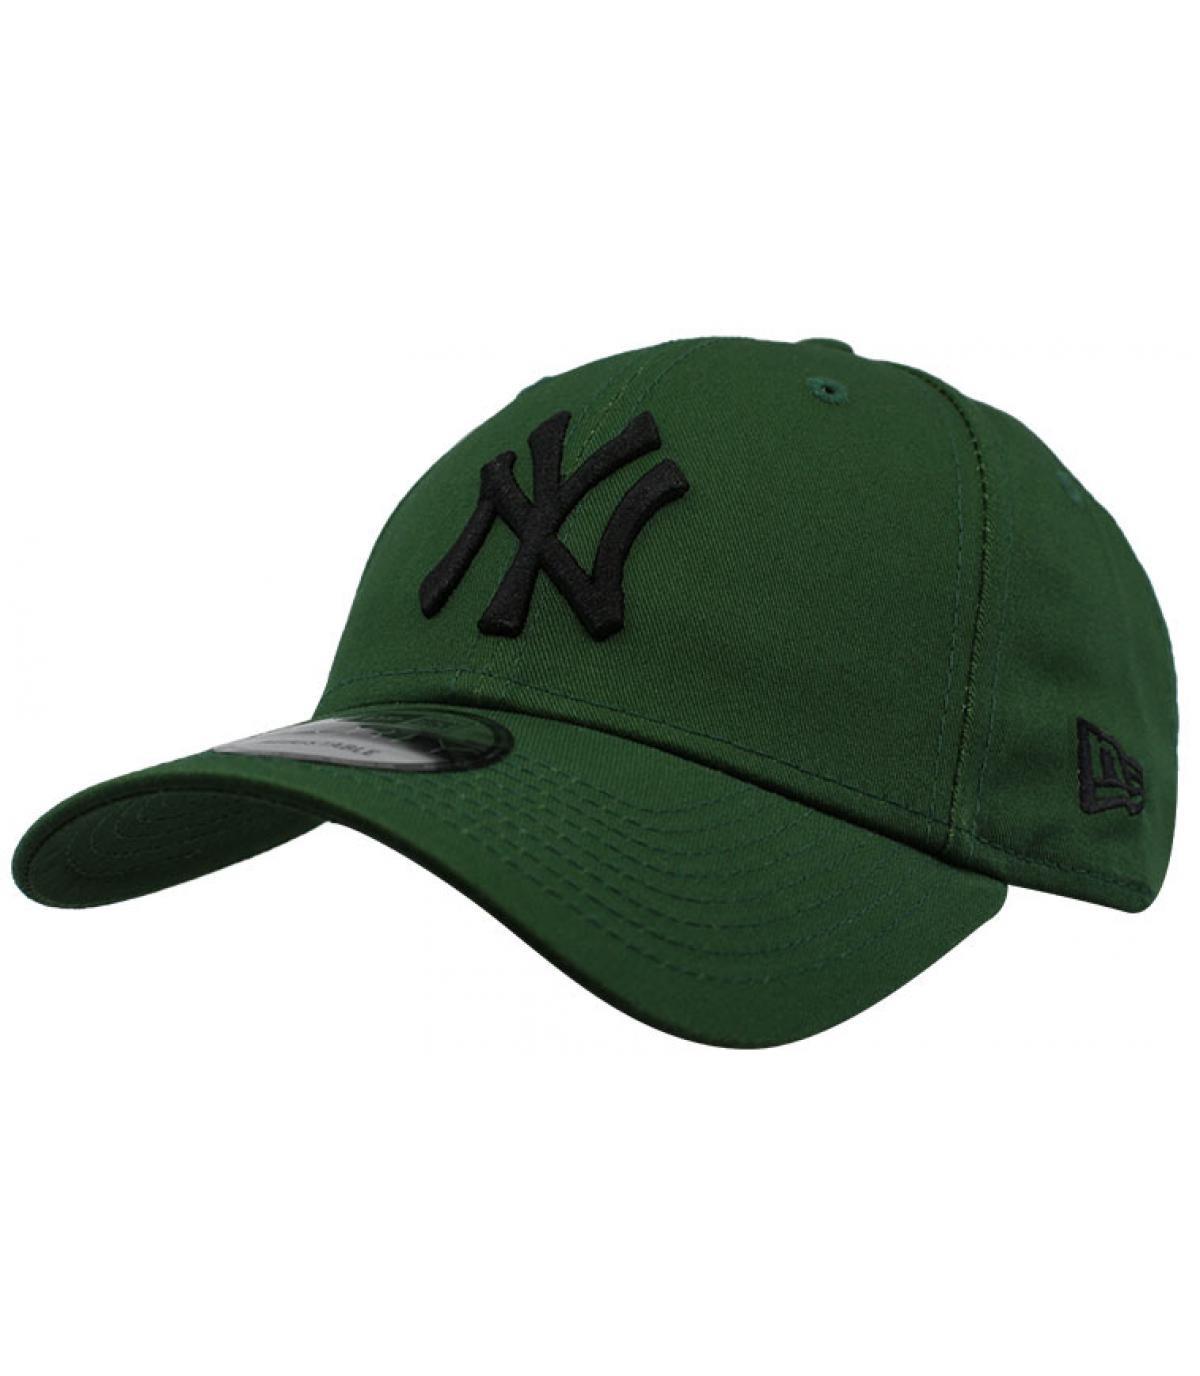 Détails Casquette Enfant League Ess NY green black - image 2